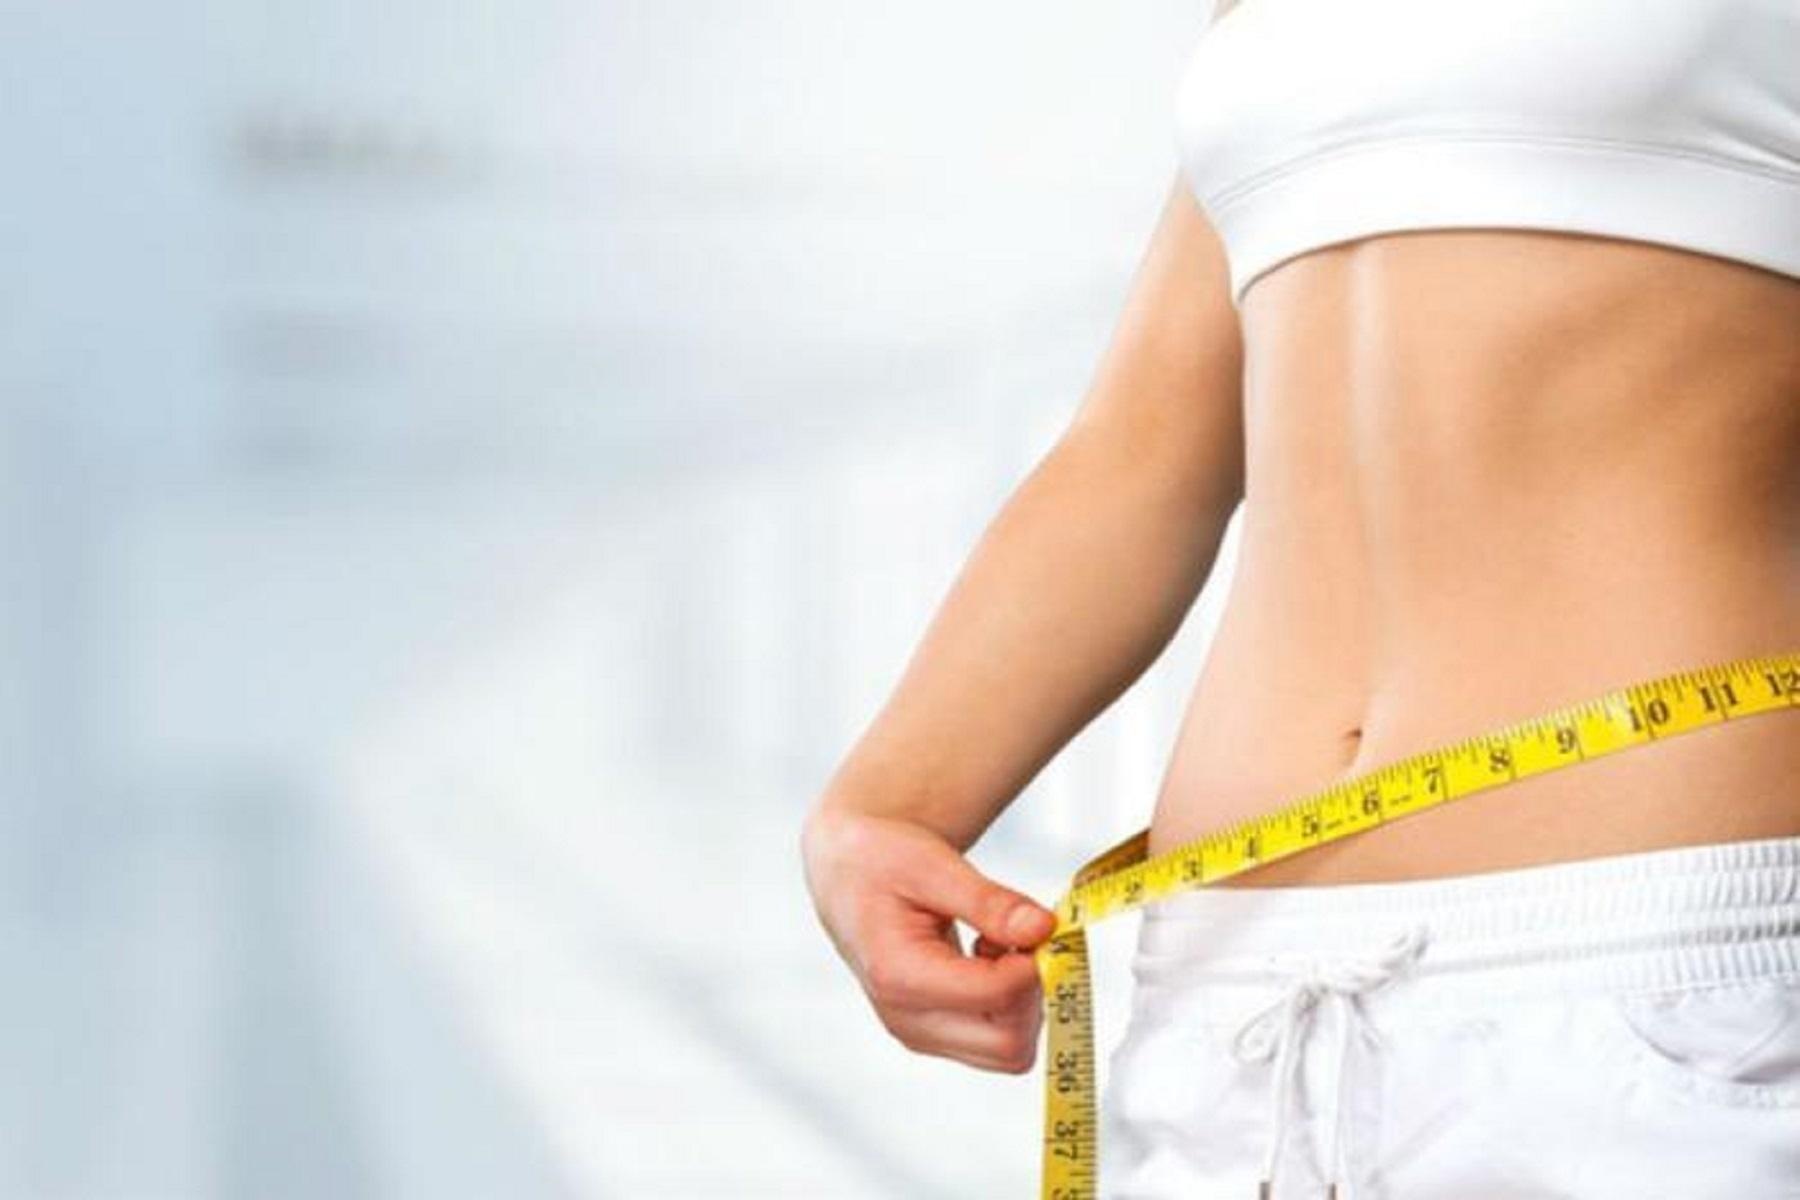 Αποτοξίνωση Δίαιτες: Μύθος γύρω από τα οφέλη και την απώλεια βάρους